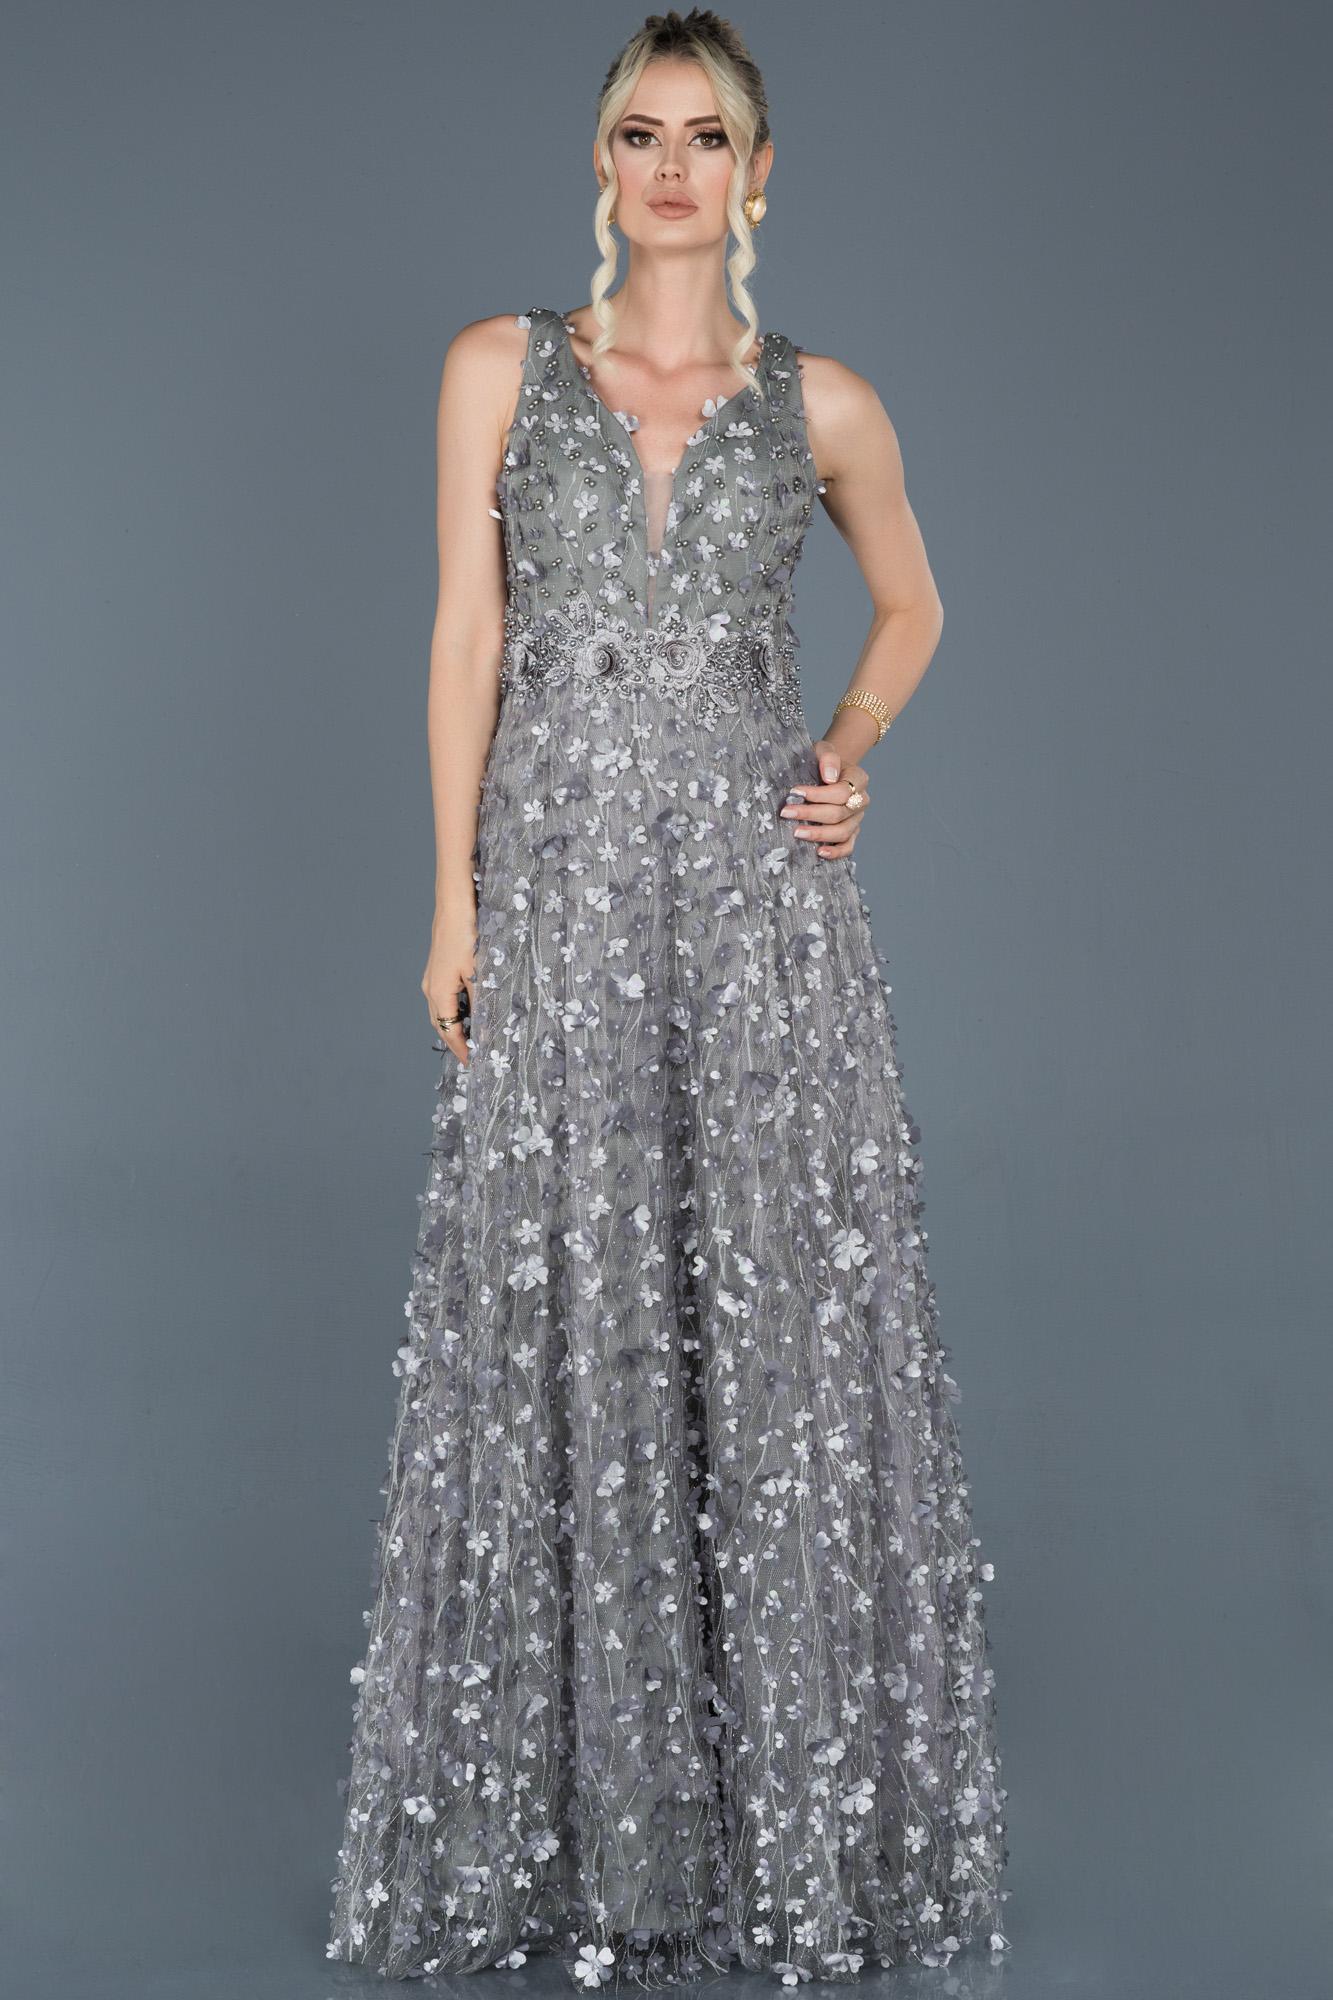 Gri Uzun Çiçekli Nişan Elbisesi